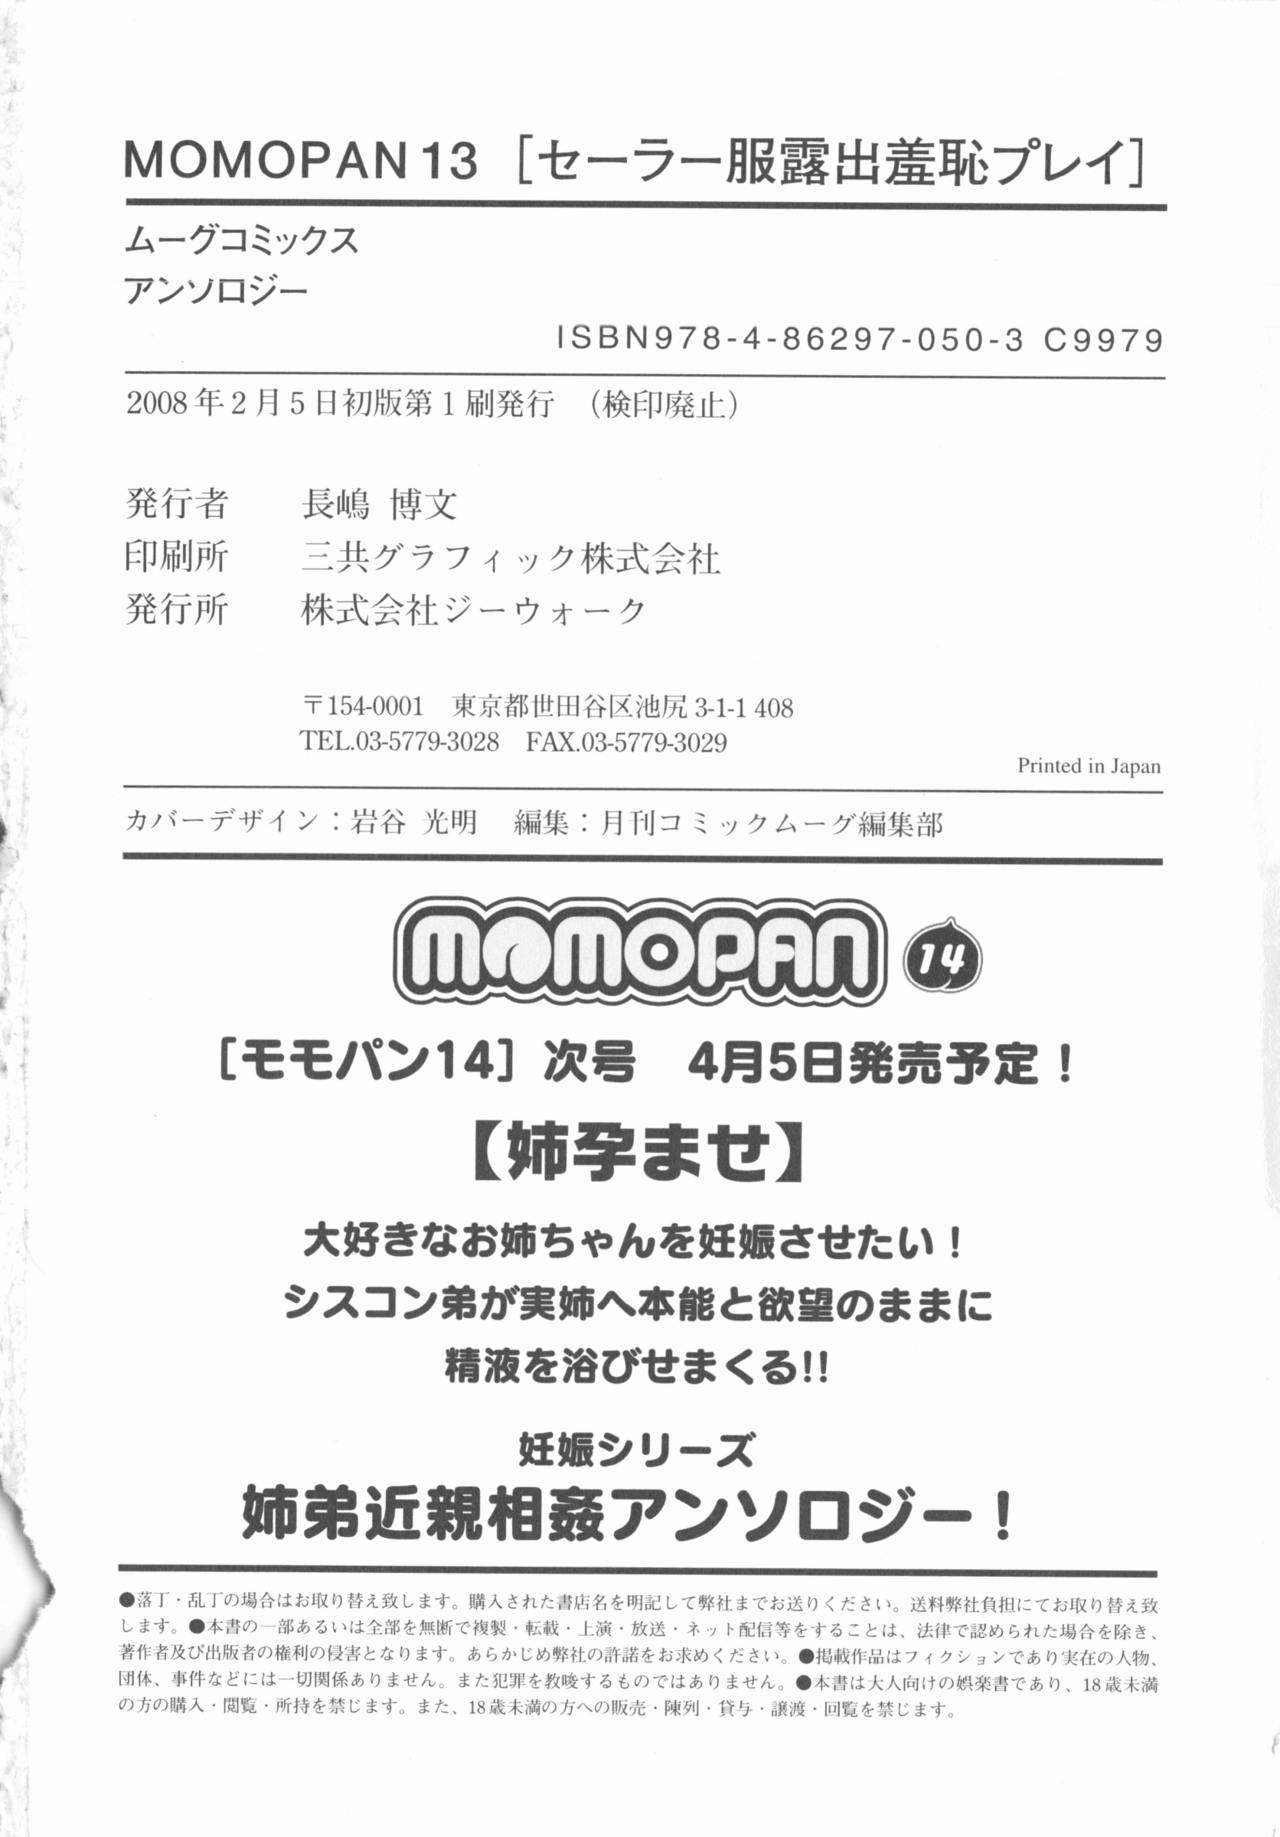 MOMOPAN 13 185